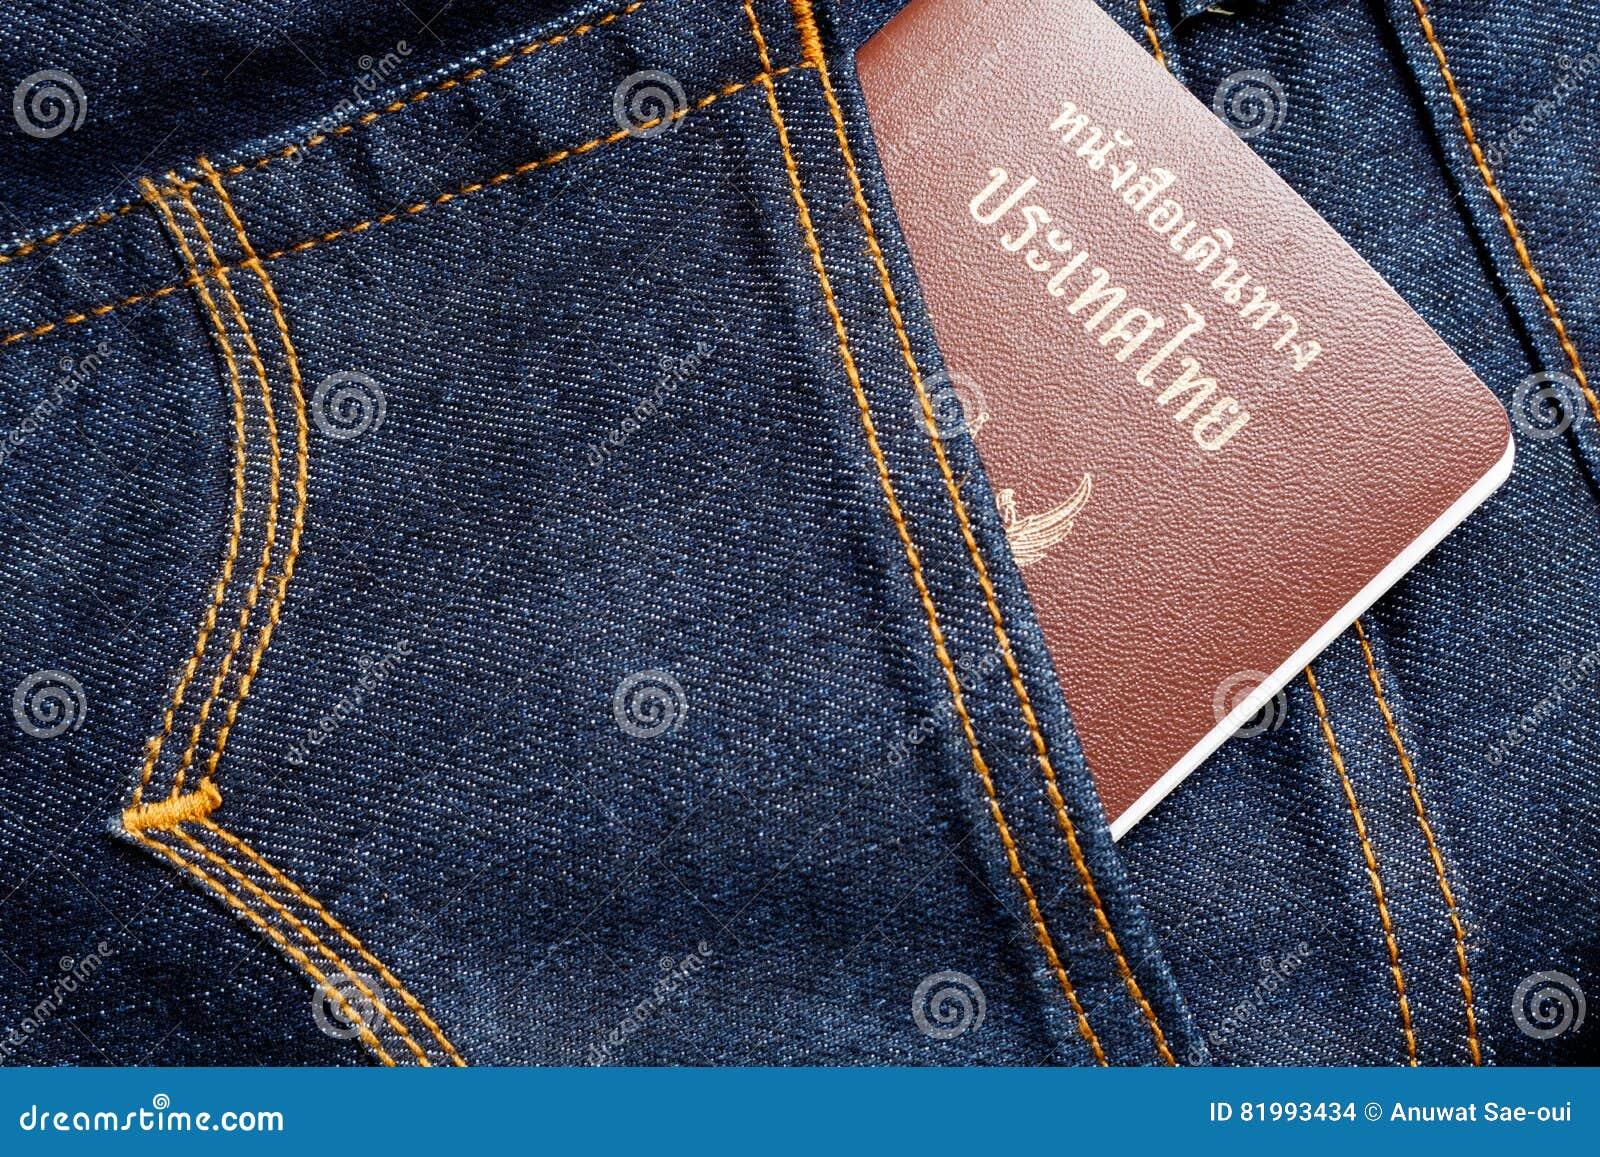 Thais paspoort op Jeans